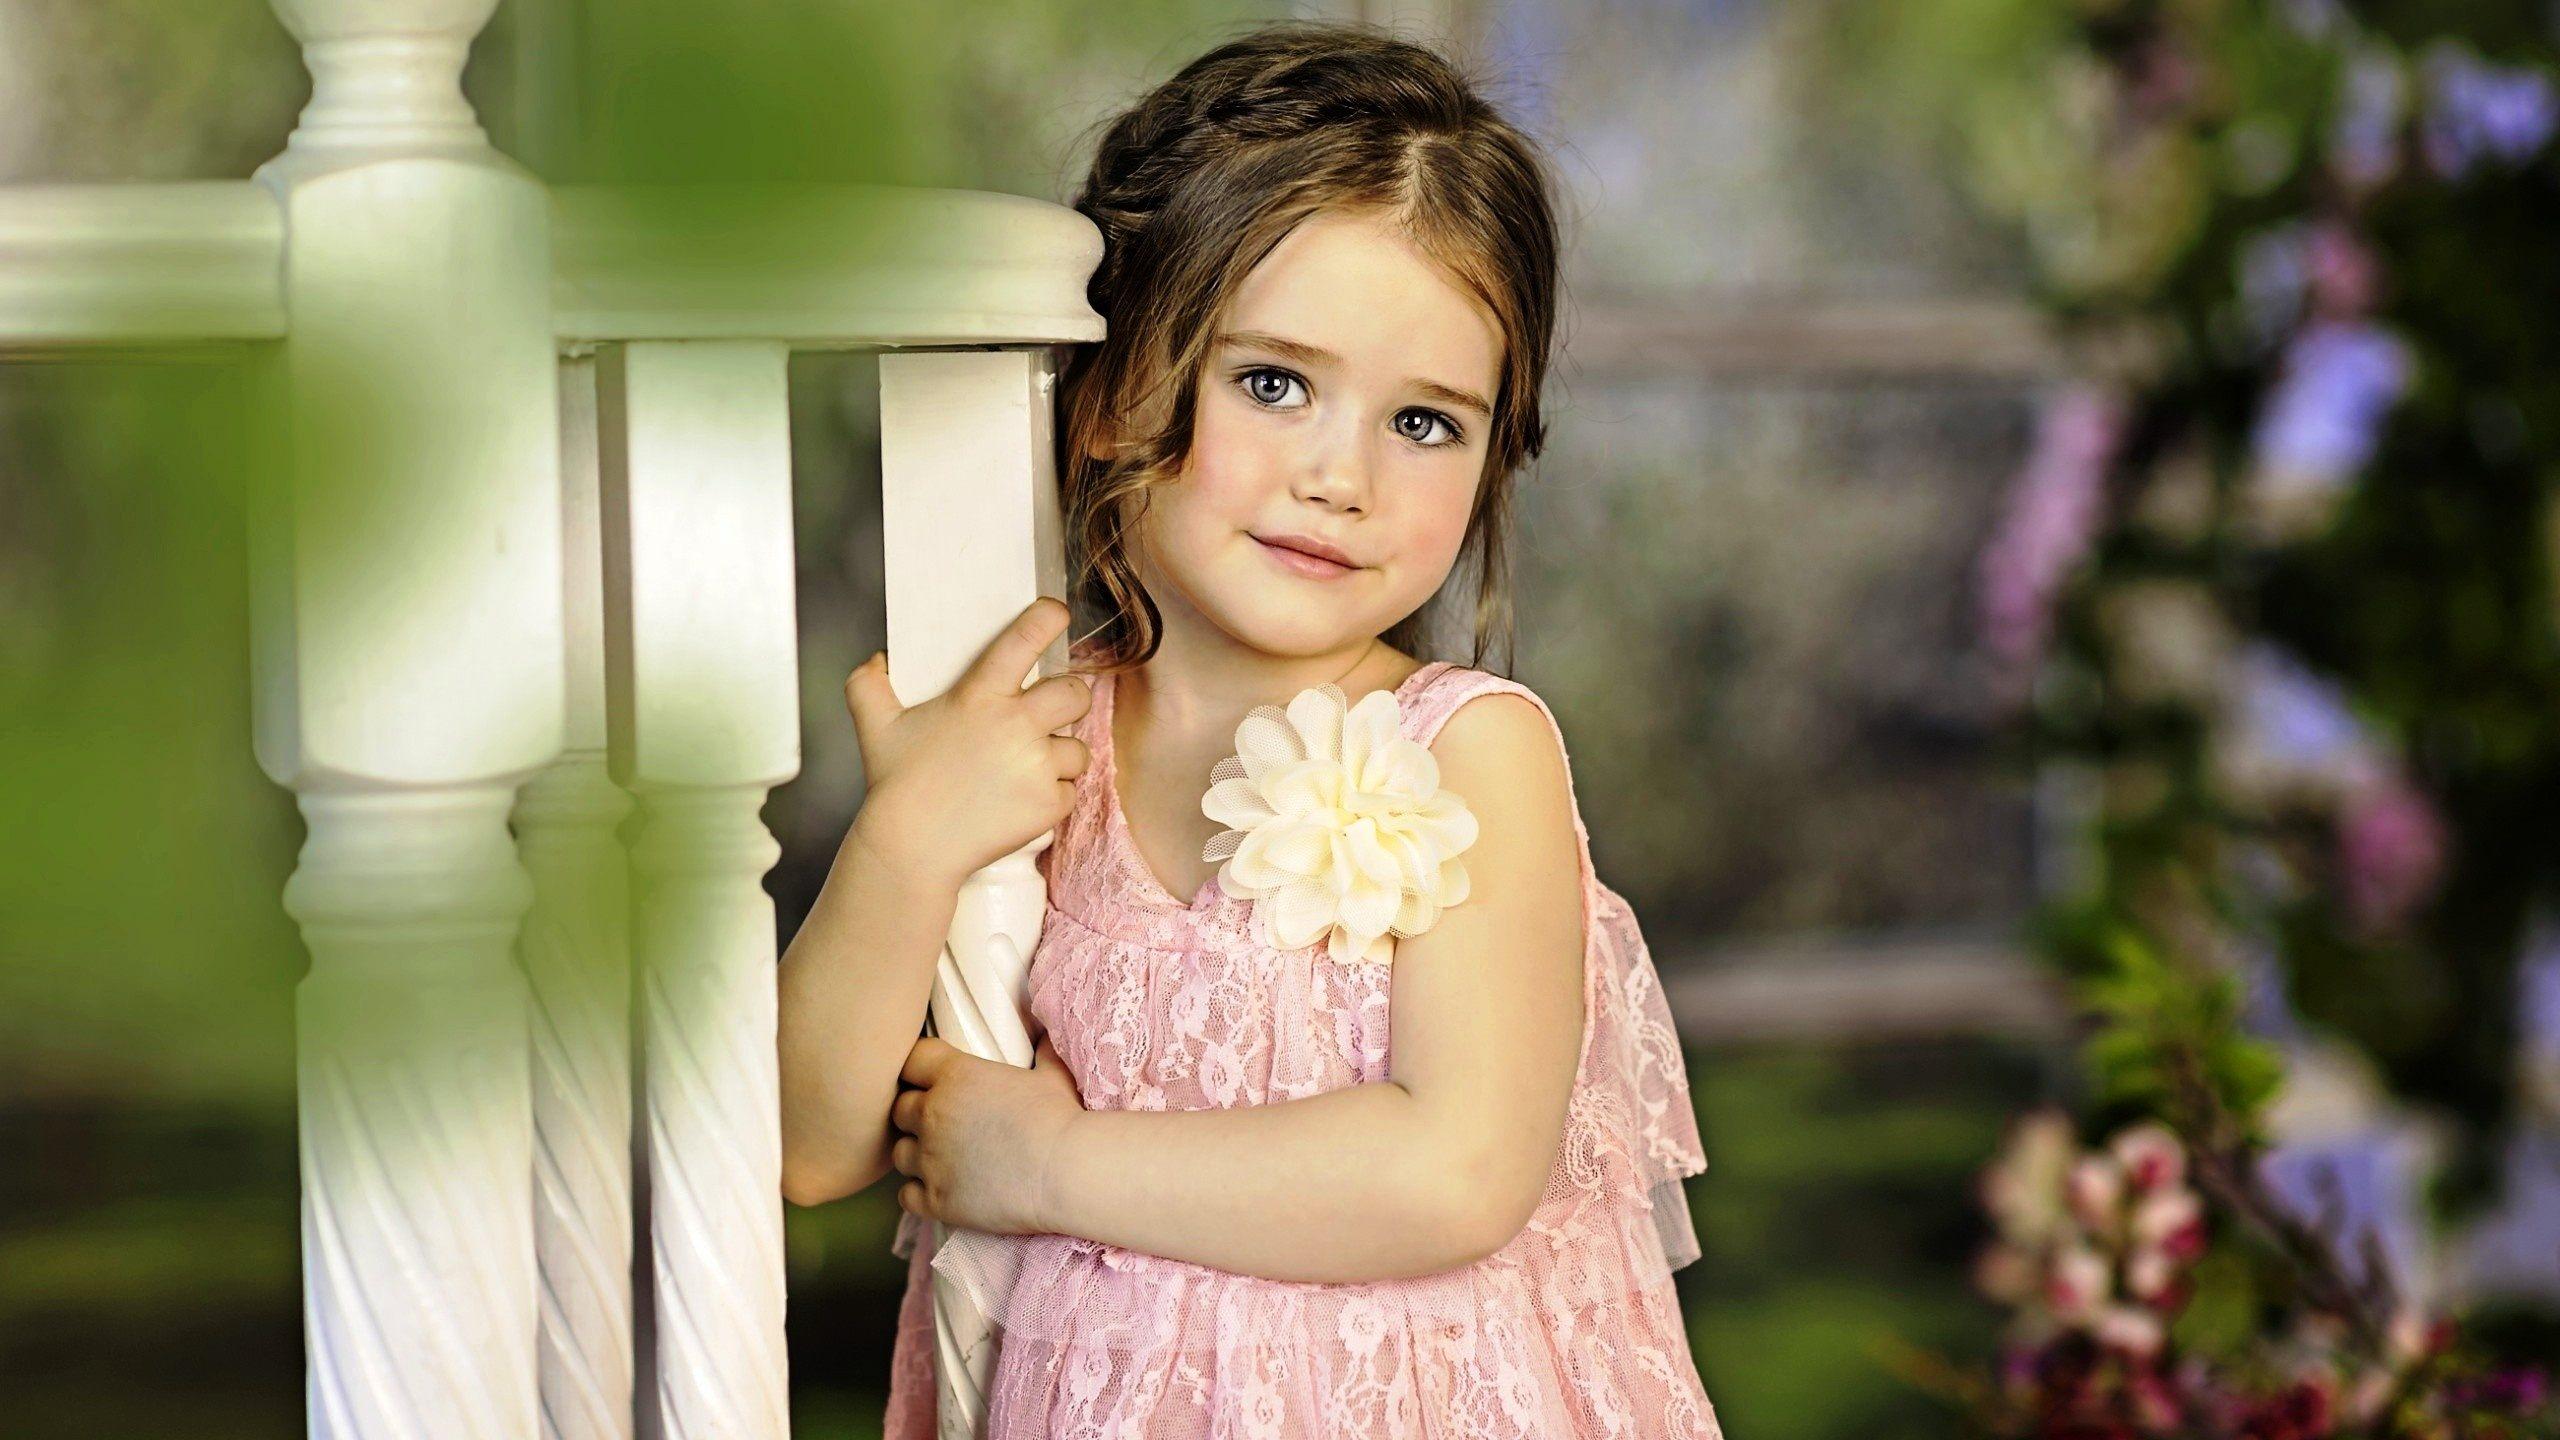 cute little girl in flower dress wallpaper - Download Hd cute little ...